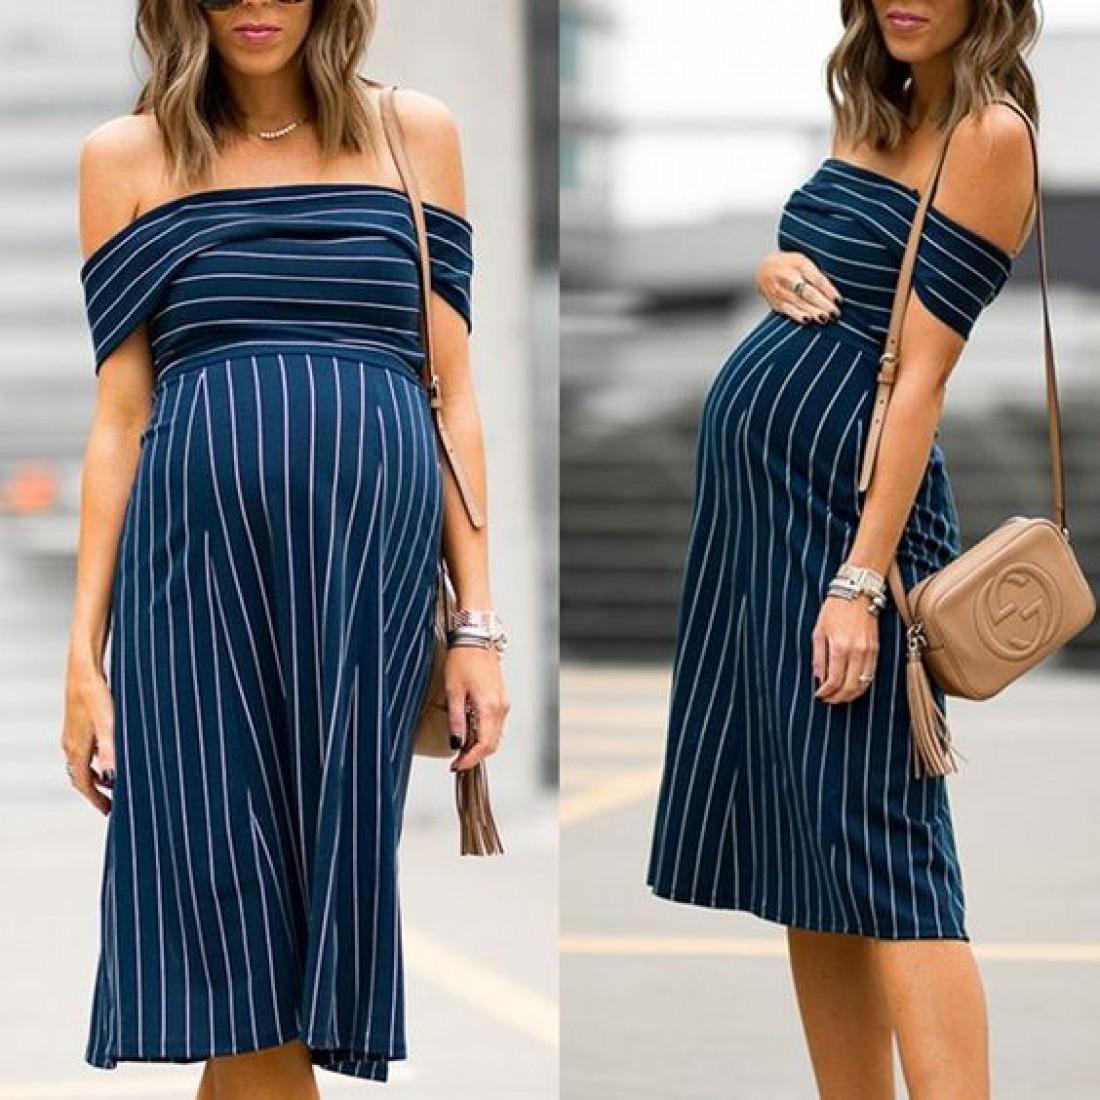 Беременная мода: Самые стильные образы на лето 2019